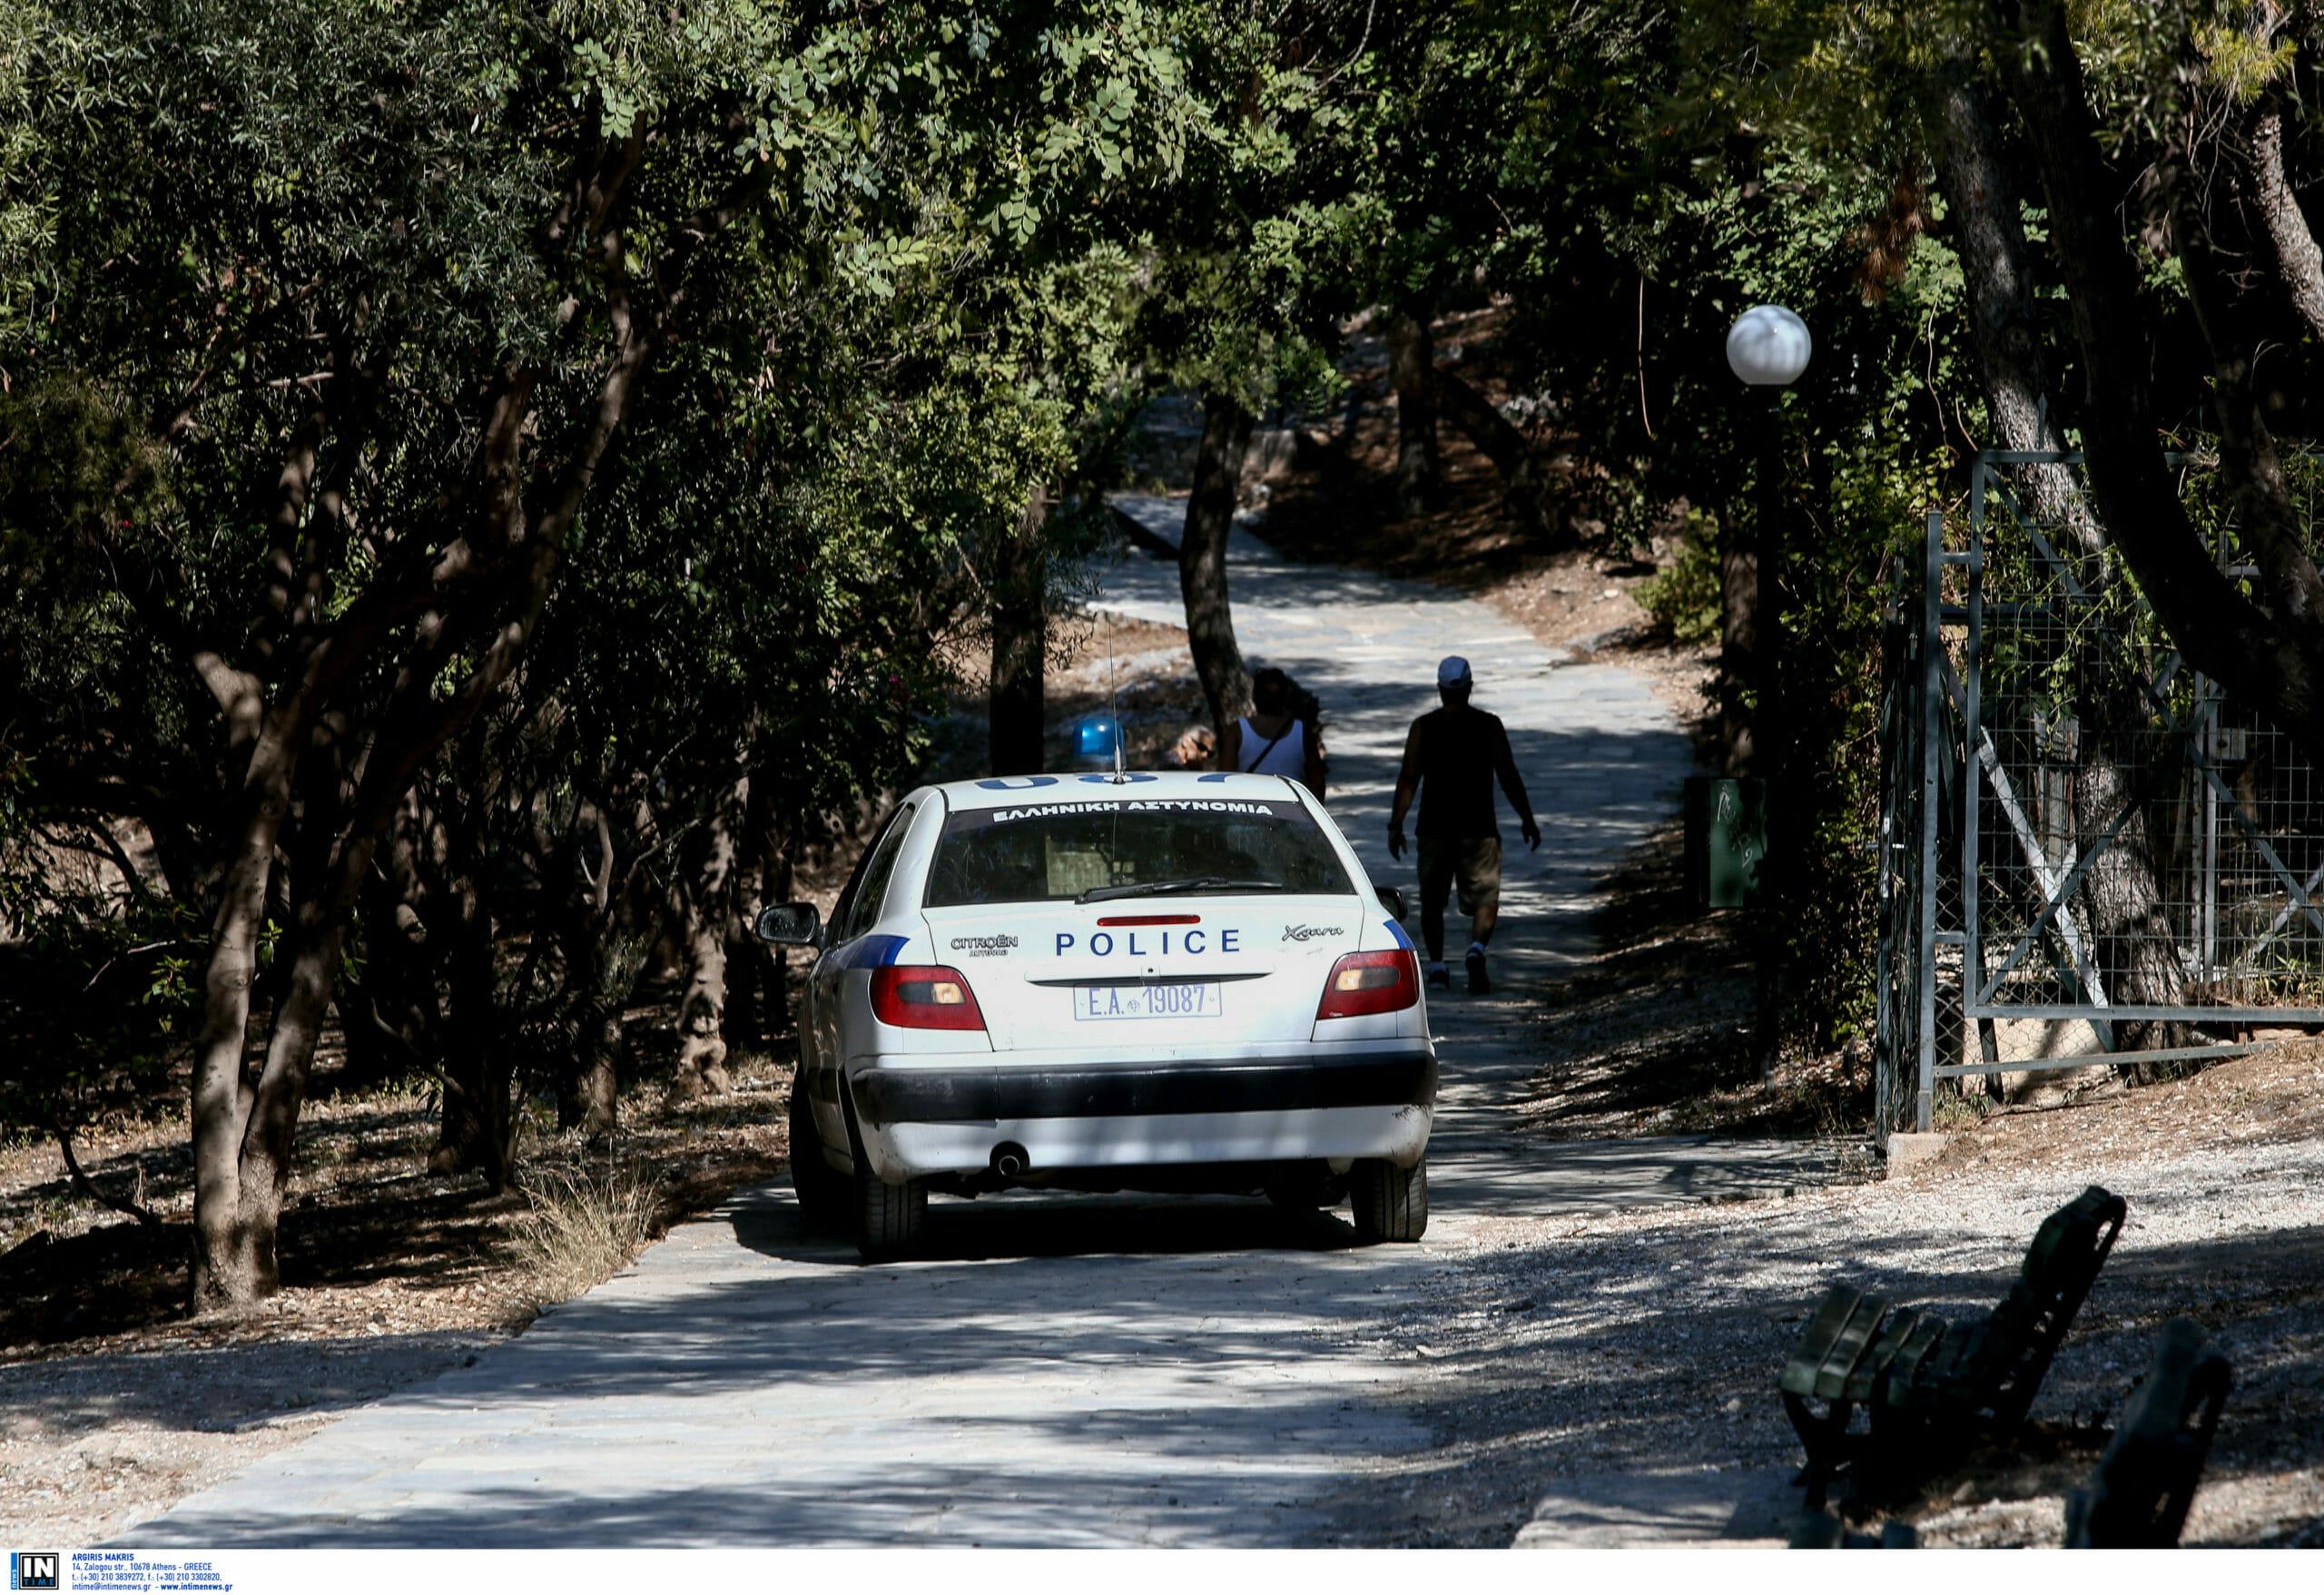 Συνελήφθη αλλοδαπός που λήστευε, με ιδιαίτερη σκληρότητα, ηλικιωμένες γυναίκες